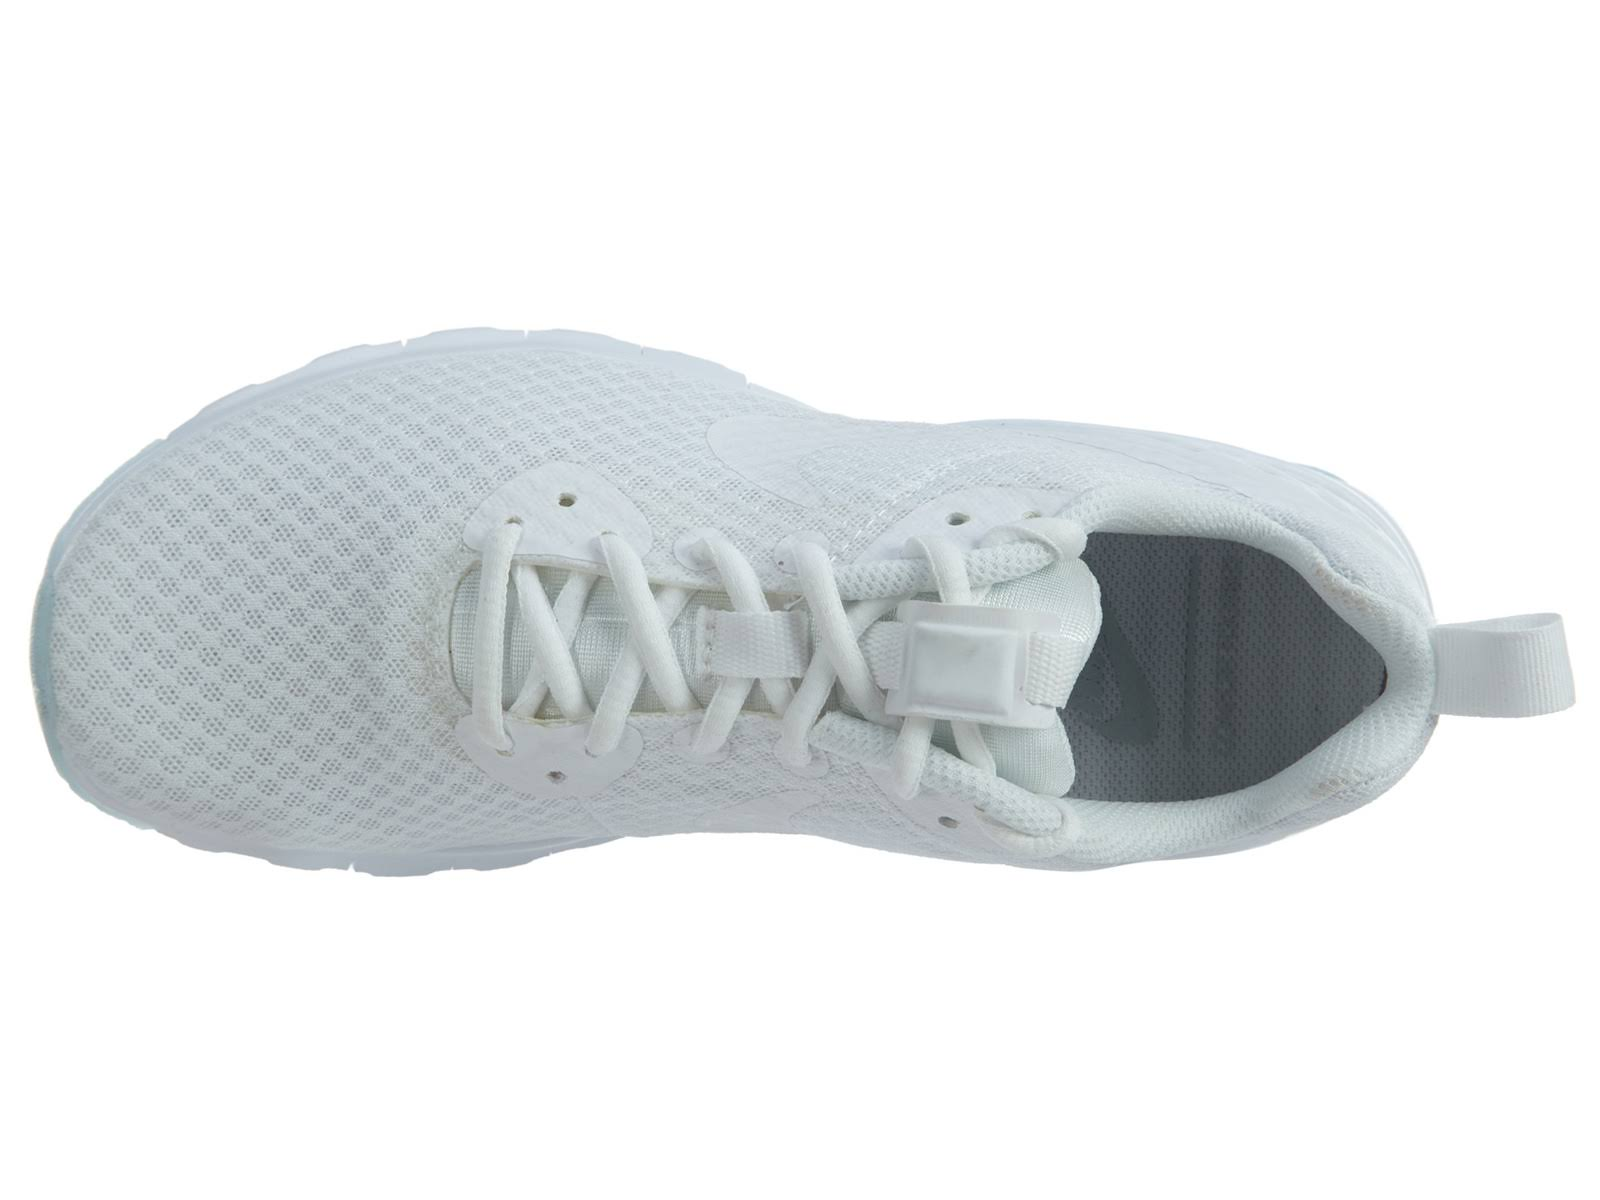 voor Nike voor damesdamesdamesdamesdamesdameszwartwit Nike Hardloopschoen Hardloopschoen Hardloopschoen damesdamesdamesdamesdamesdameszwartwit Nike ohCtxsQrdB